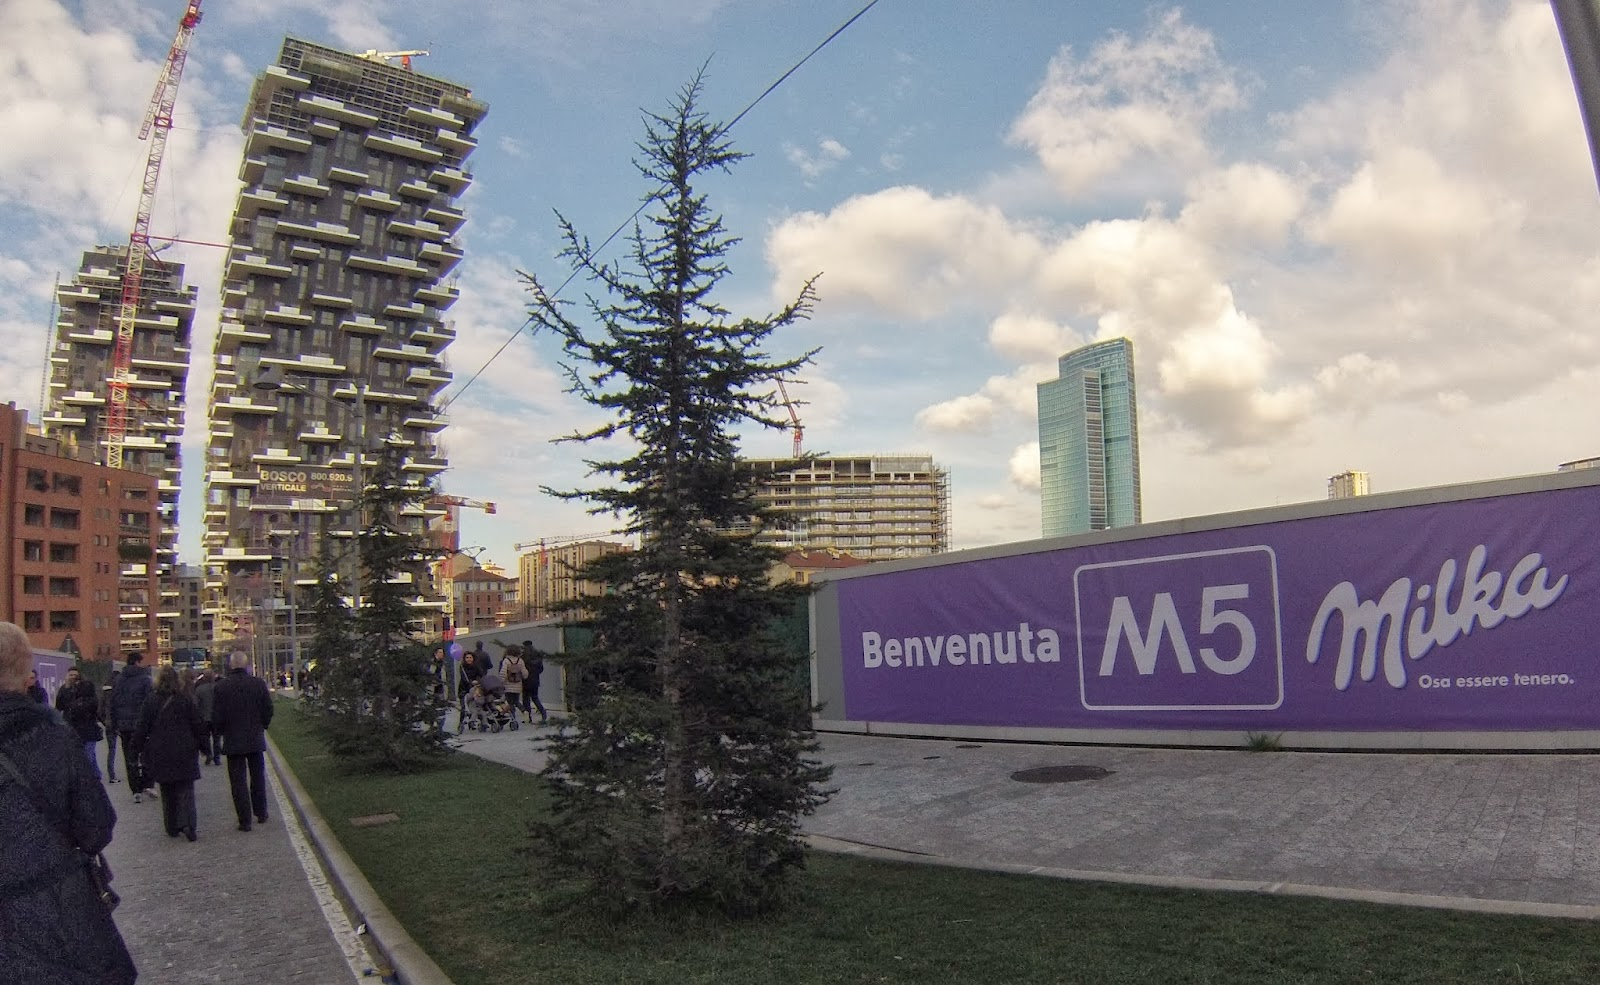 Milano porta garibaldi hub metropolitano journeyers il - Passante porta garibaldi ...